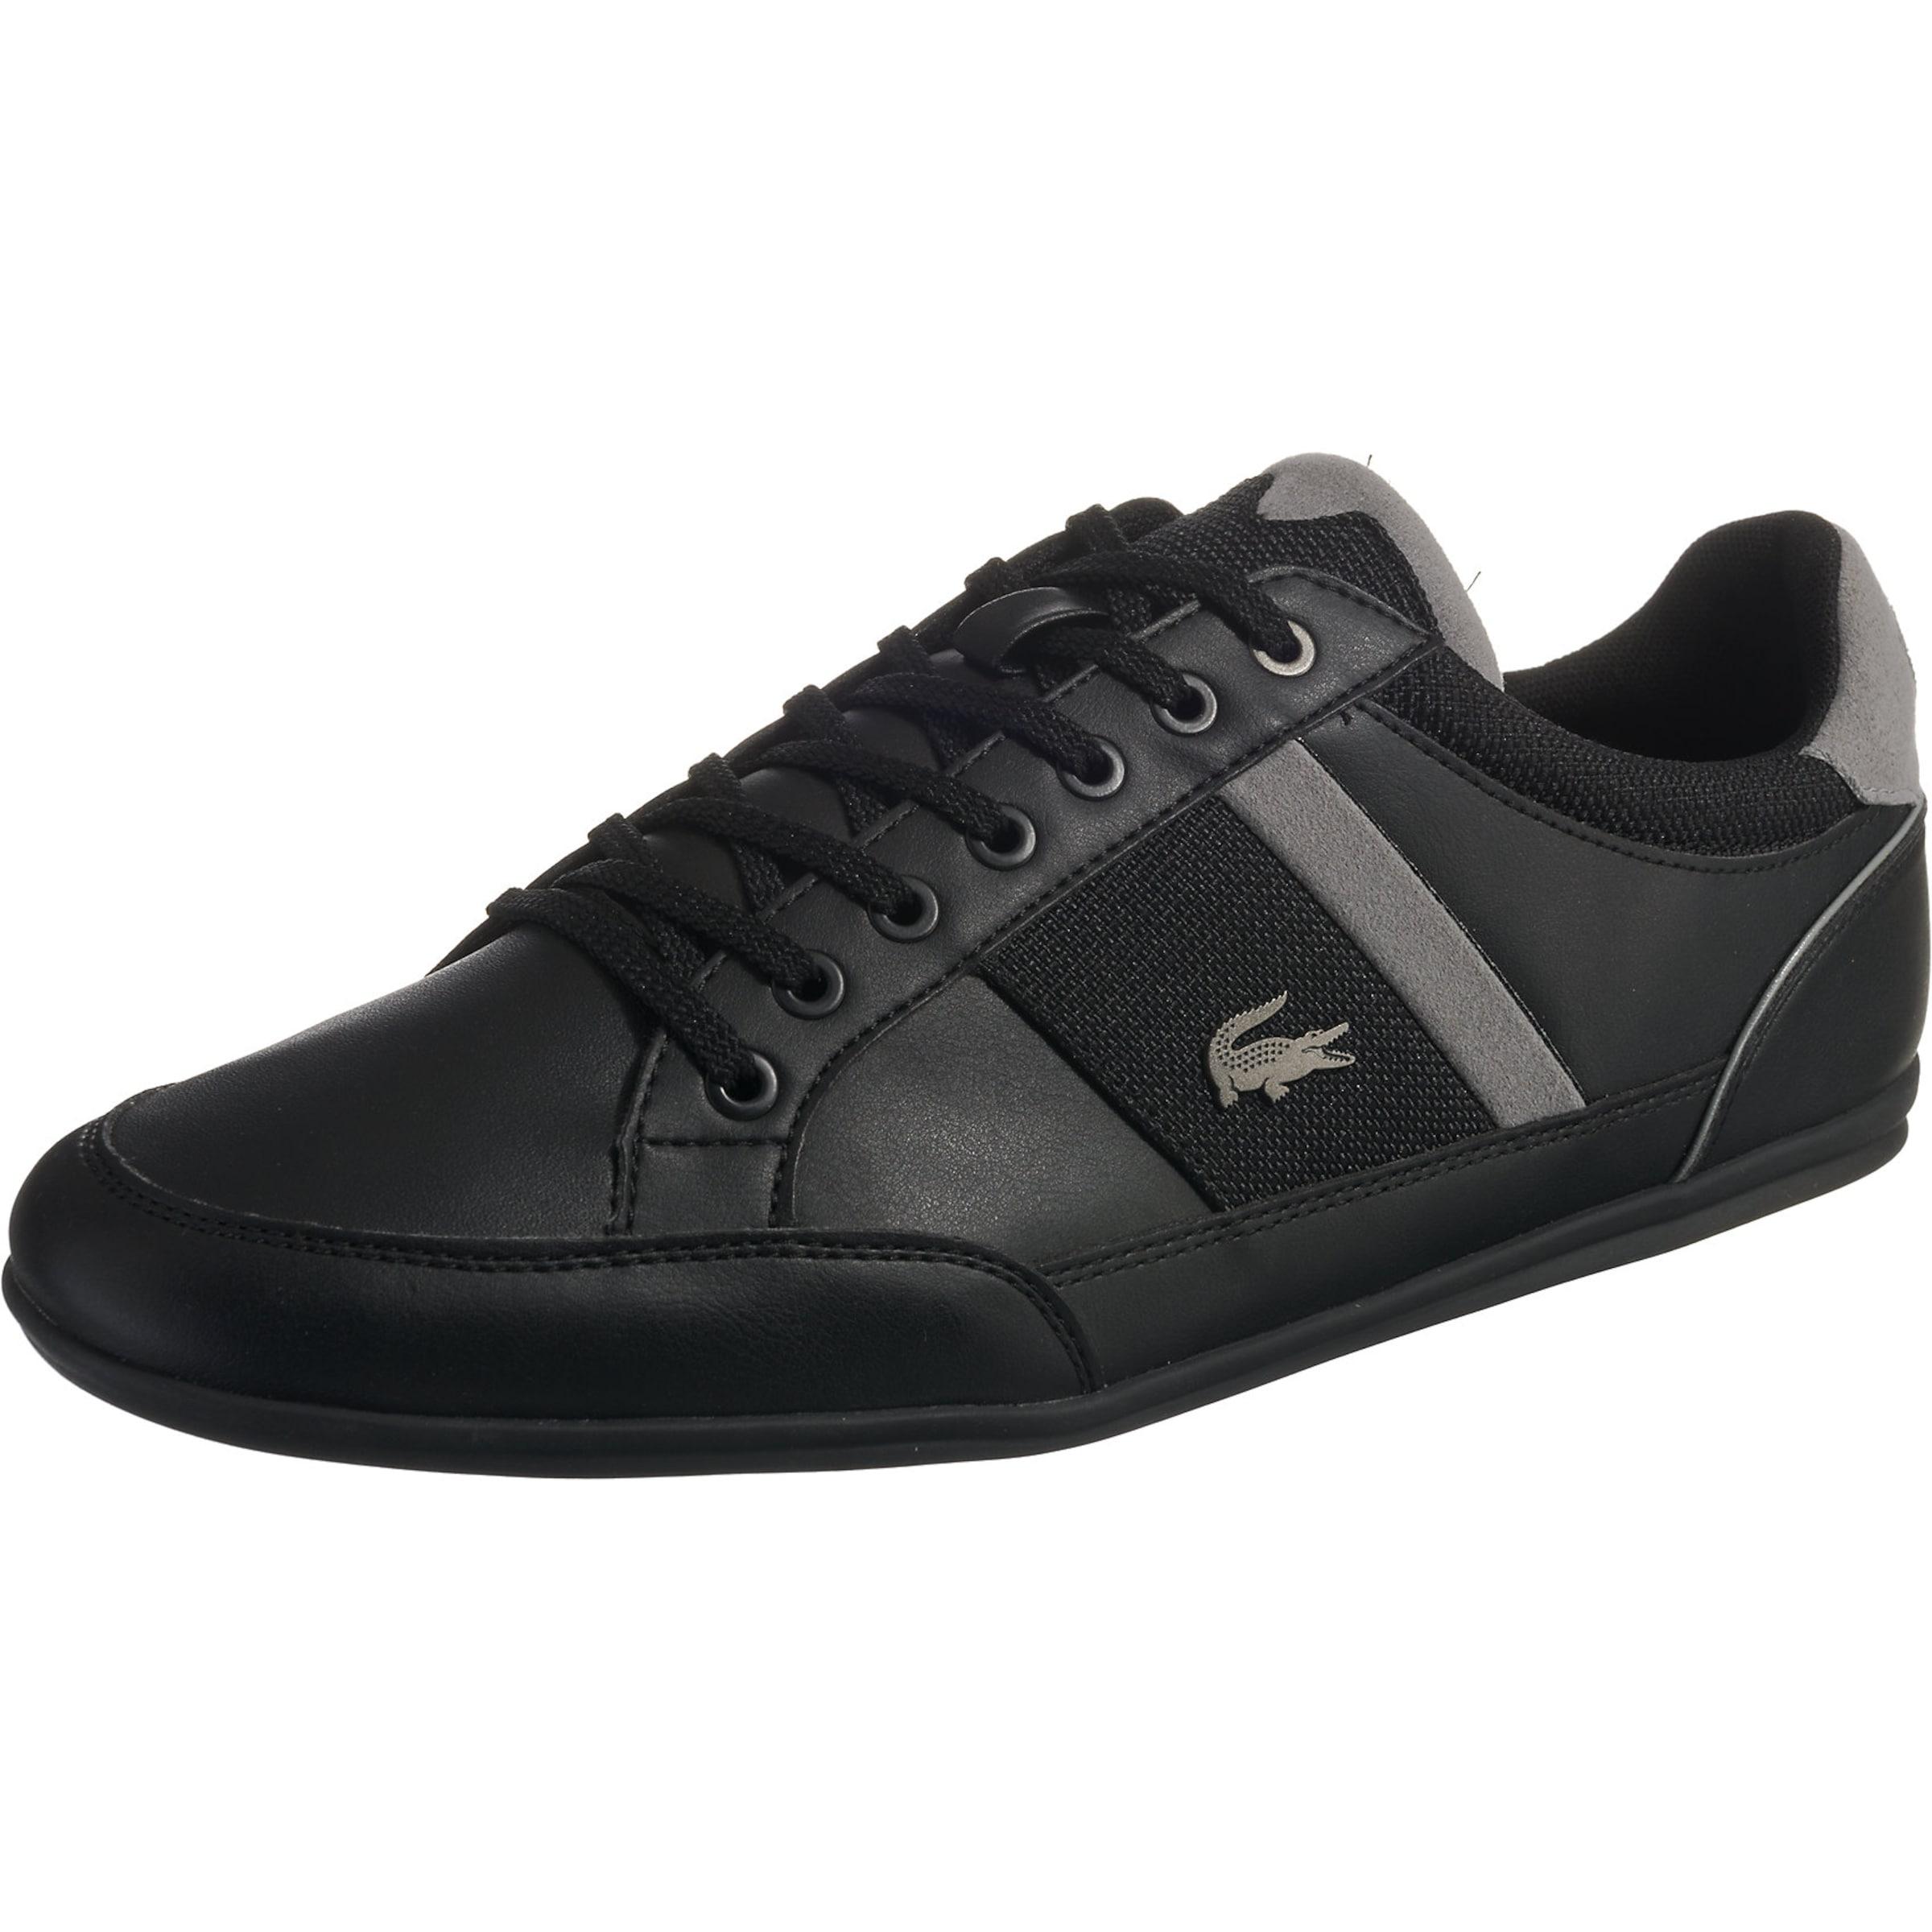 LACOSTE Sneakers Low  Chaymon